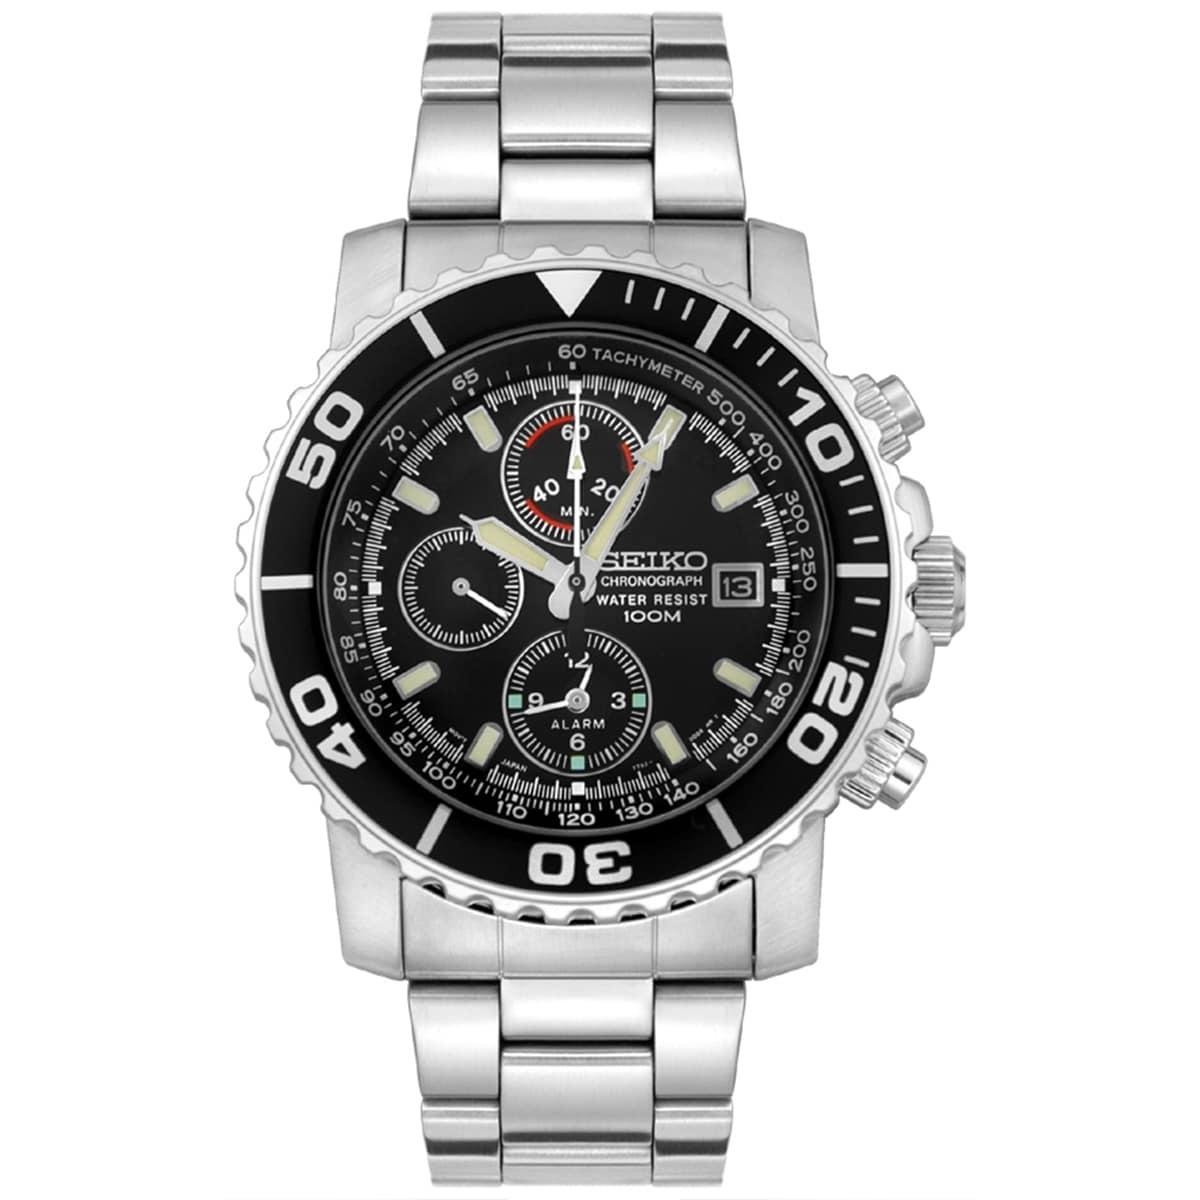 Seiko Men's SNA225 Black Stainless Steel Quartz Watch (SN...